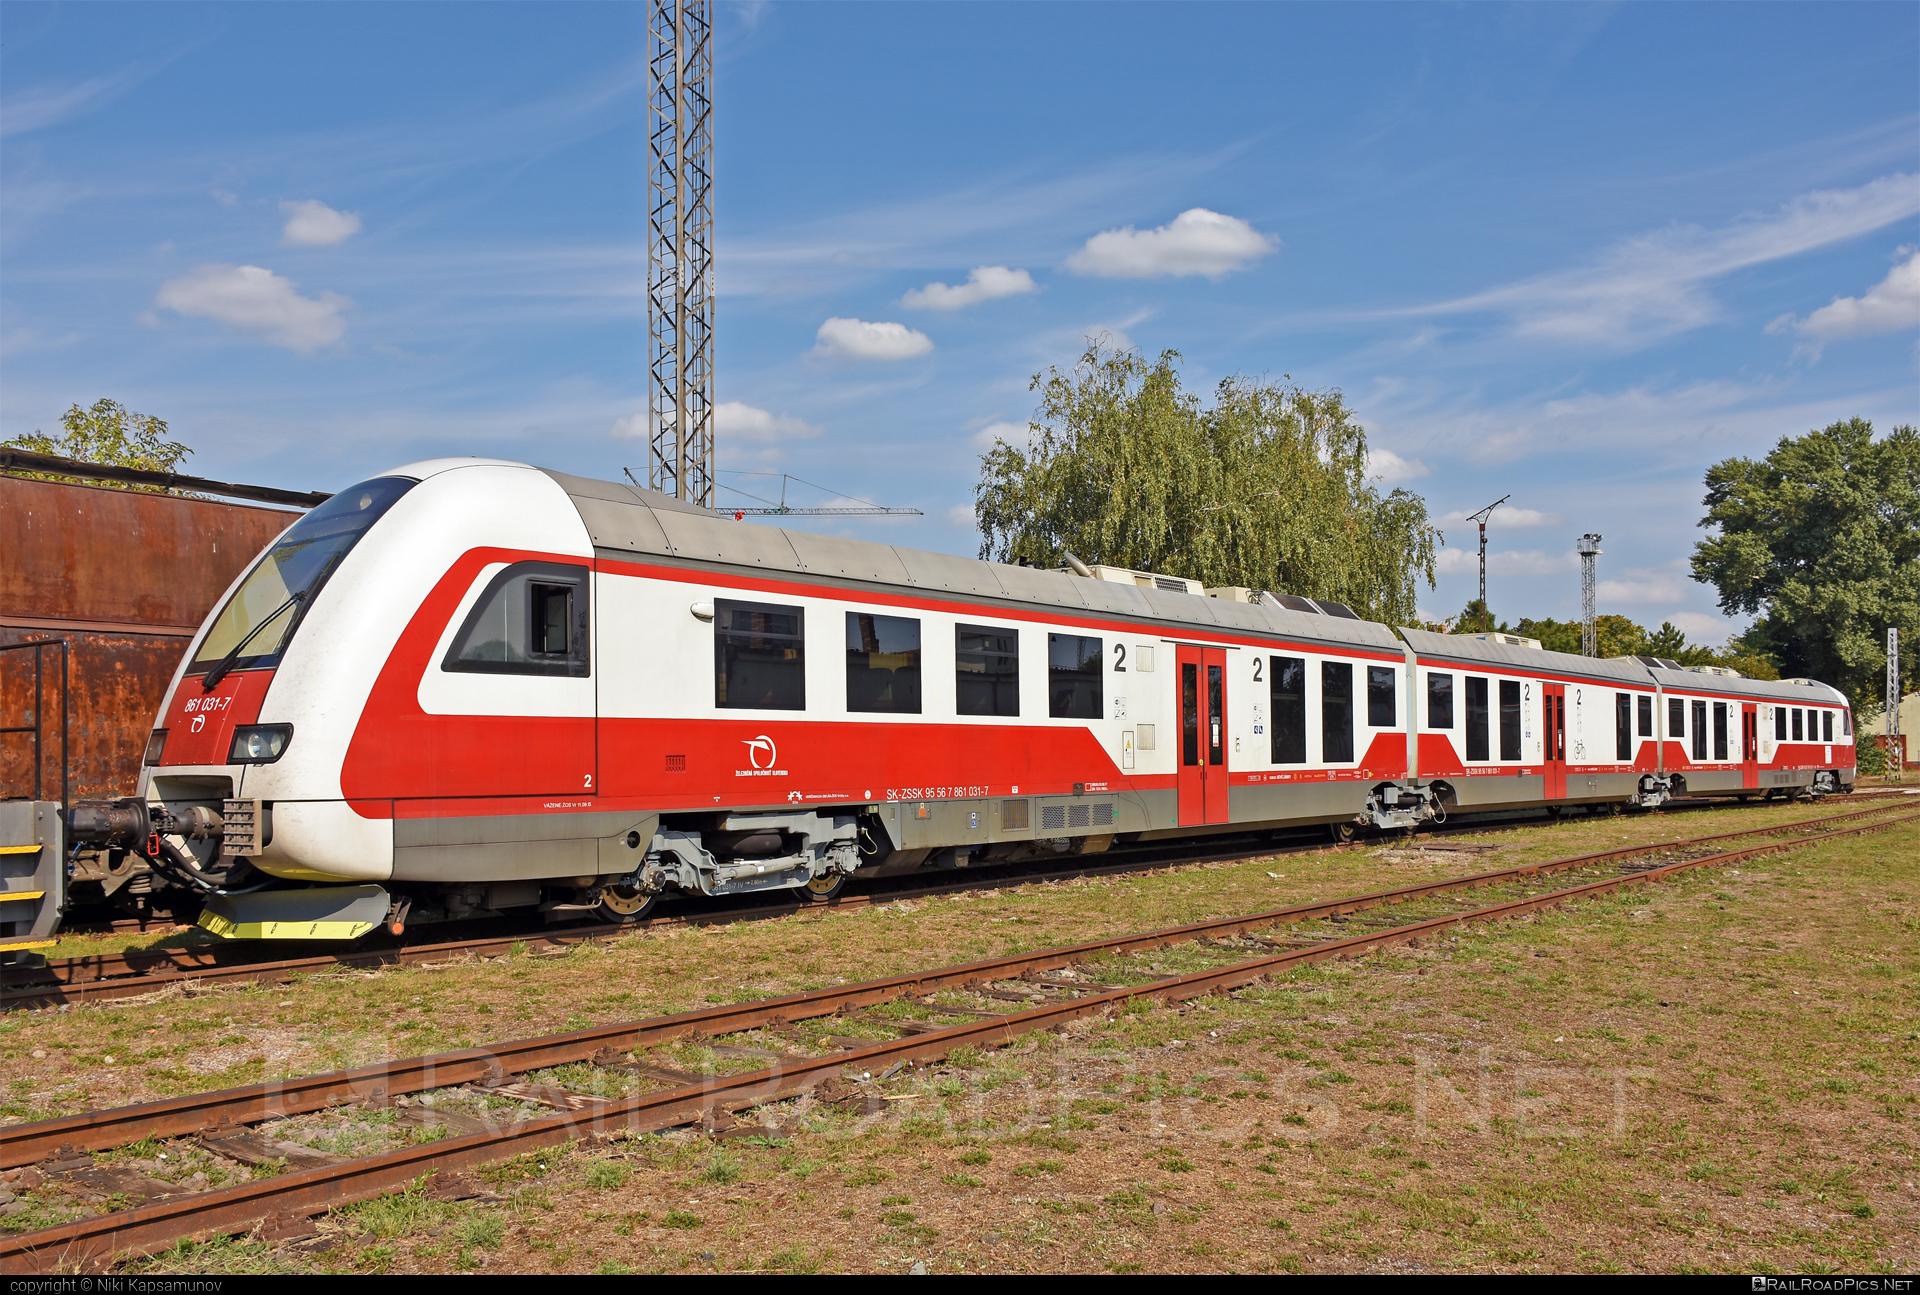 ŽOS Vrútky Class 861.0 - 861 031-7 operated by Železničná Spoločnost' Slovensko, a.s. #ZeleznicnaSpolocnostSlovensko #zosvrutky #zosvrutky861 #zosvrutky8610 #zssk #zssk861 #zssk8610